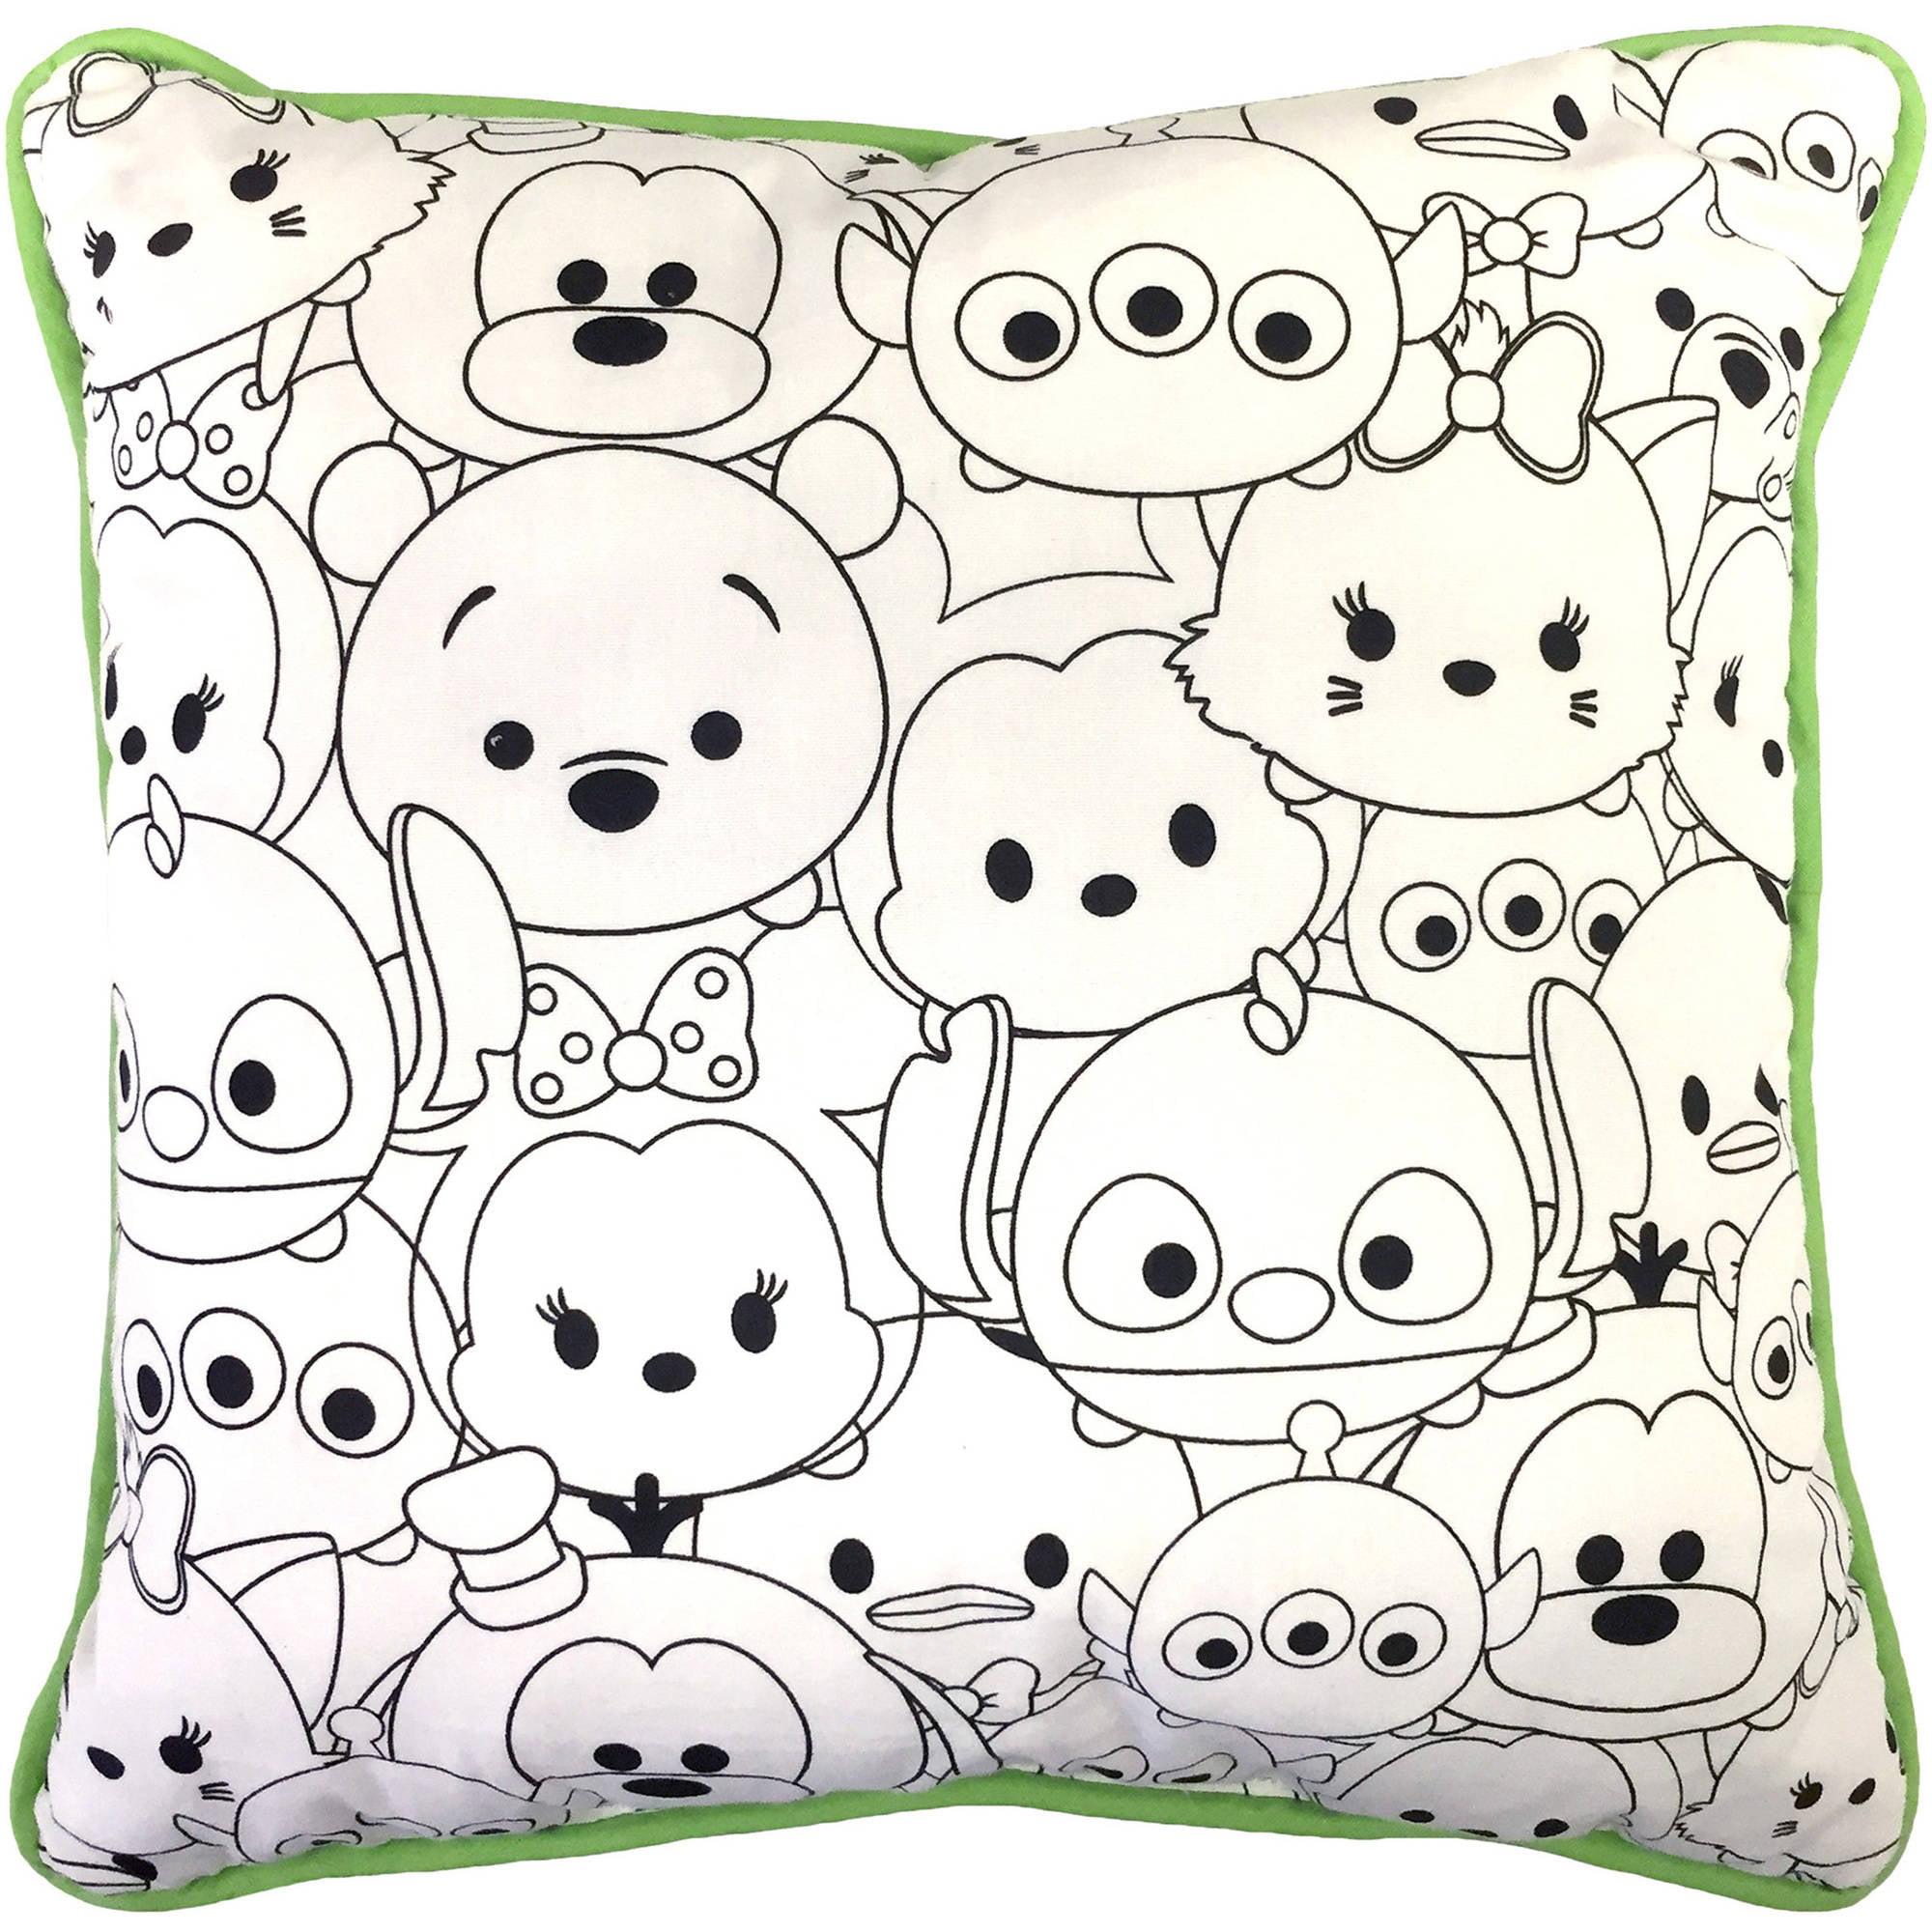 Tsum Tsum All Over Color Me Pillow Walmart Com